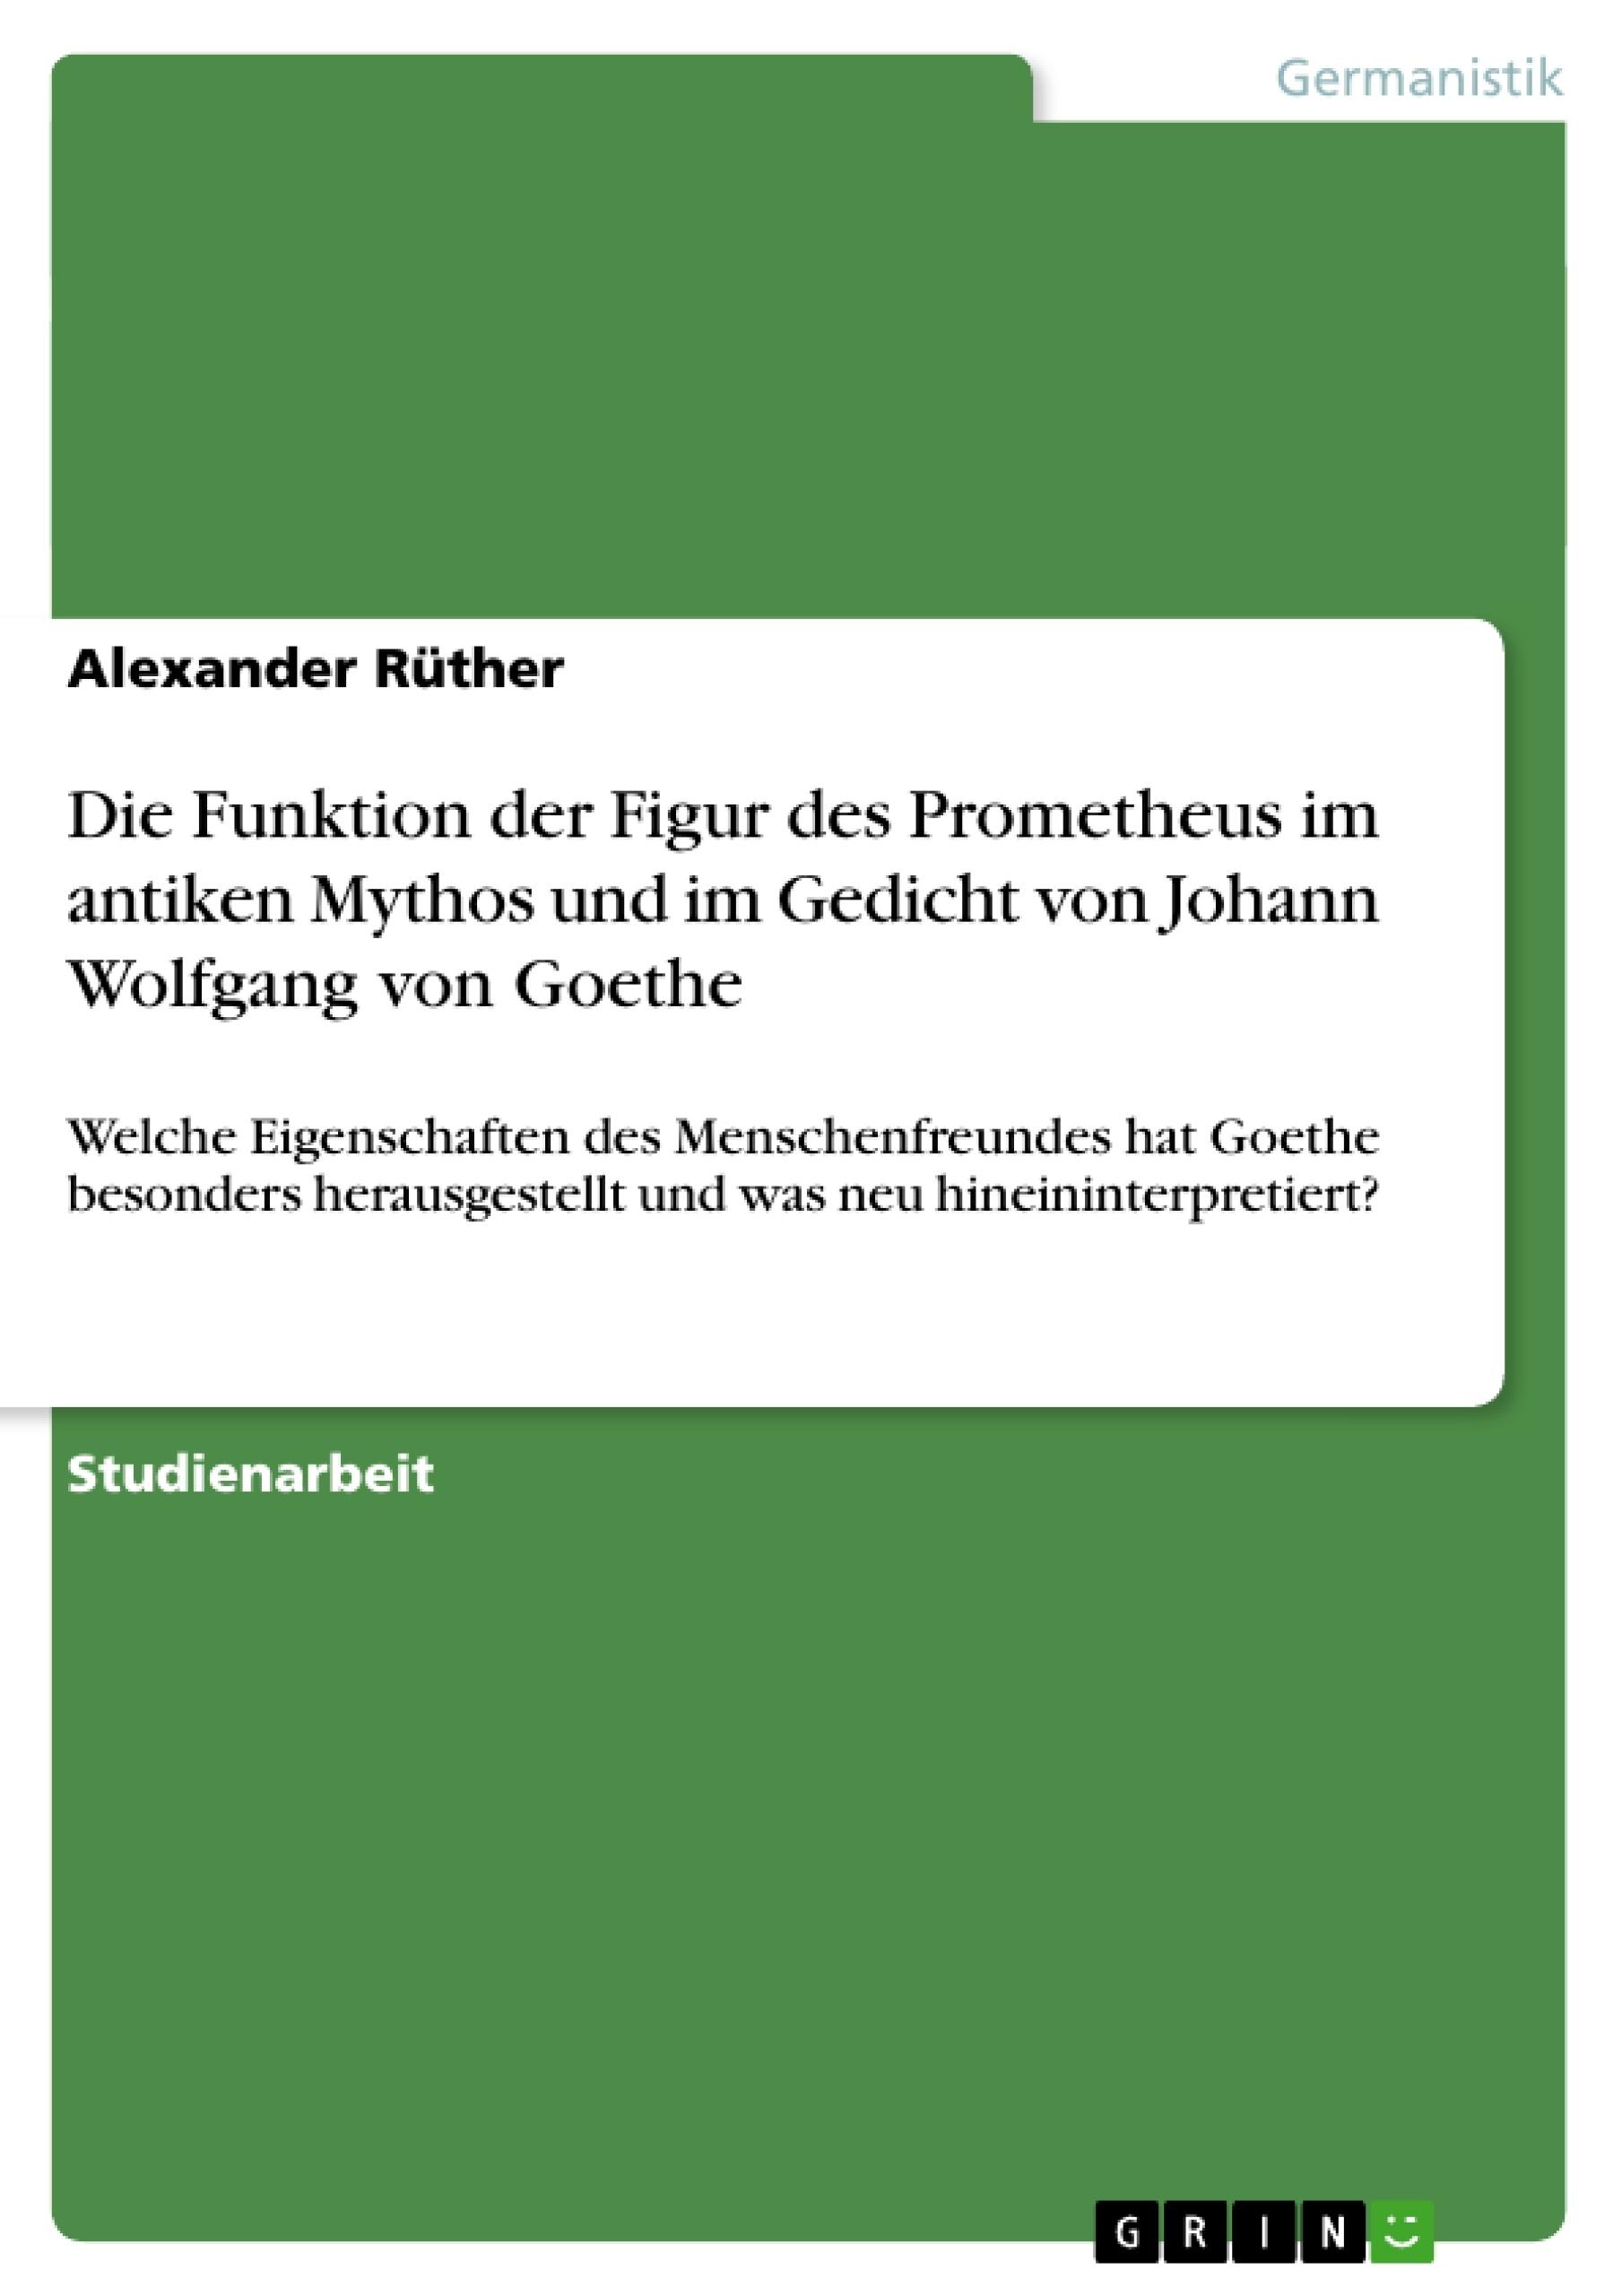 Titel: Die Funktion der Figur des Prometheus im antiken Mythos und im Gedicht von Johann Wolfgang von Goethe